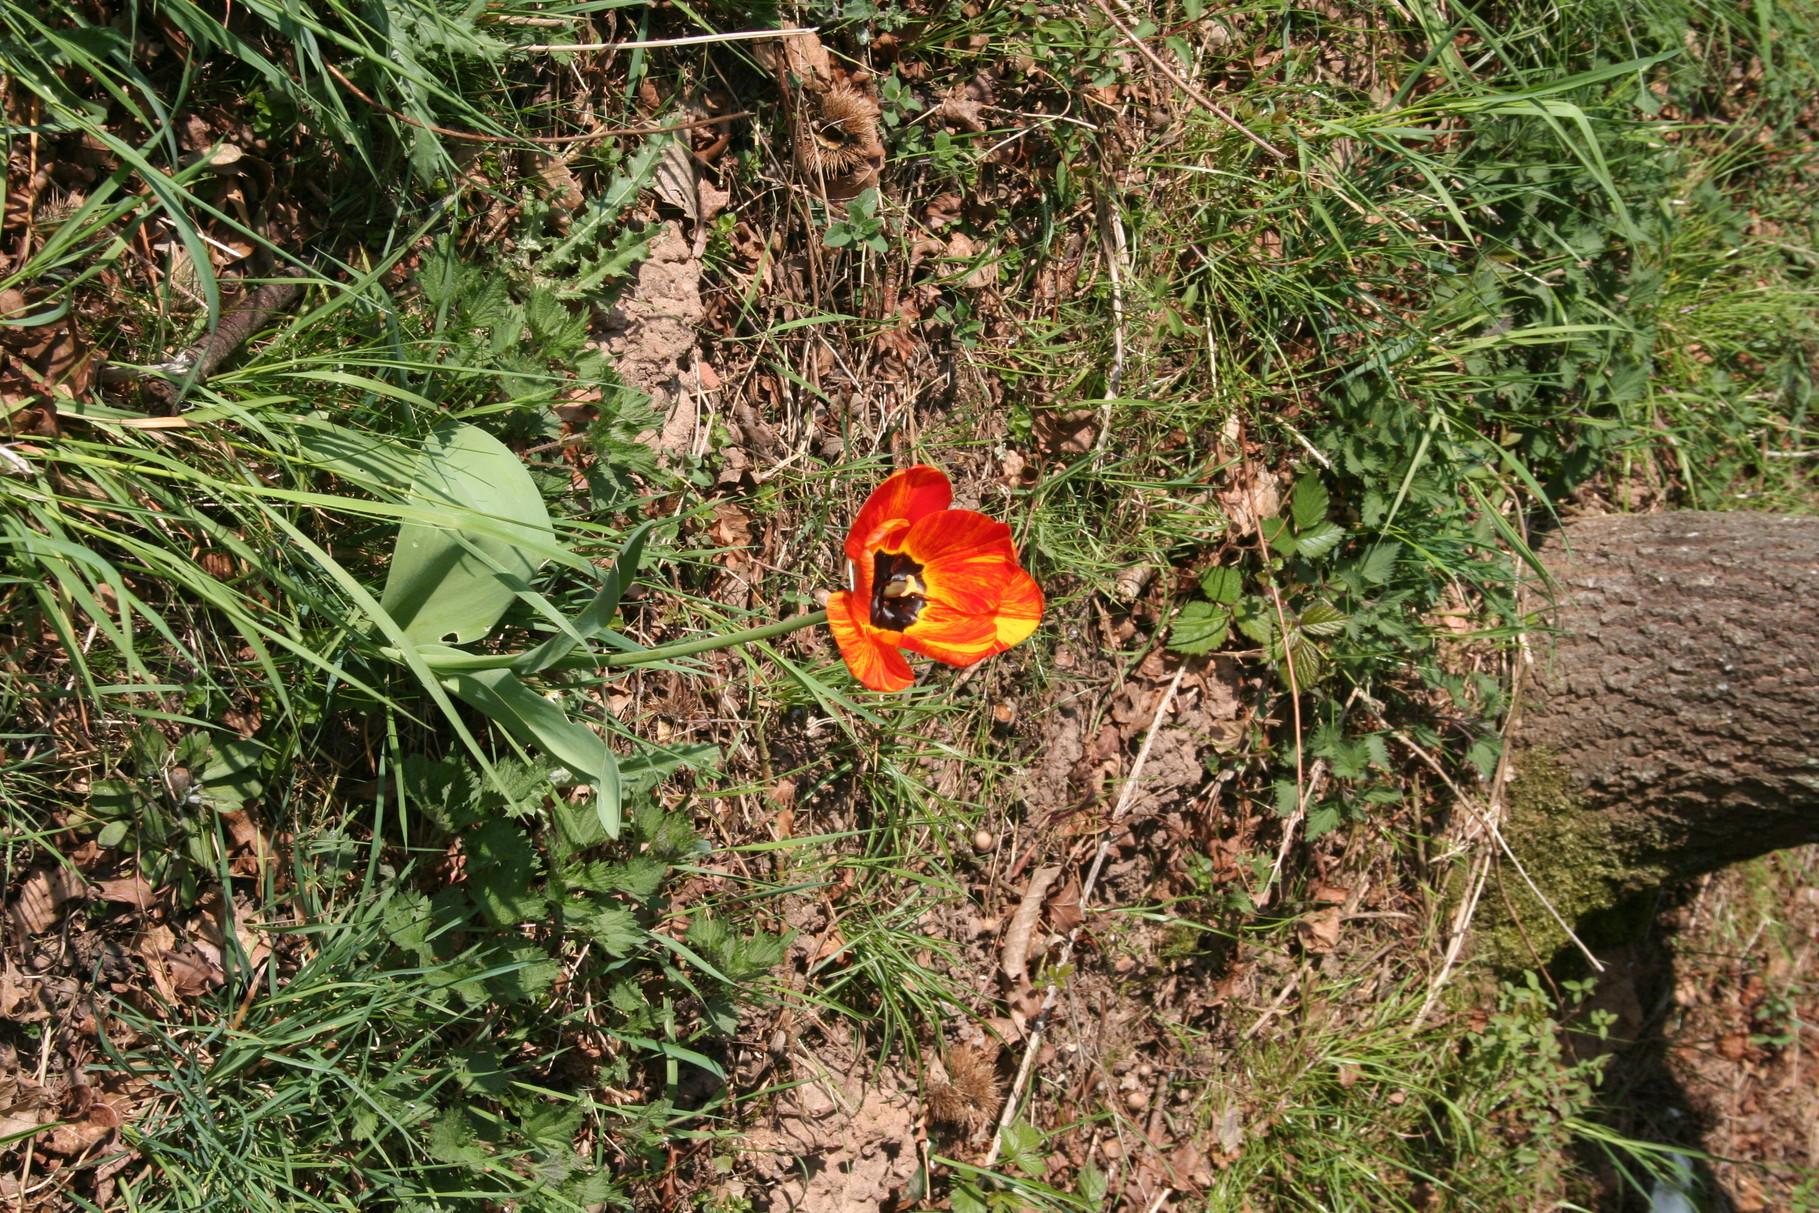 Ganz alleine und verlassen steht diese Blume da.